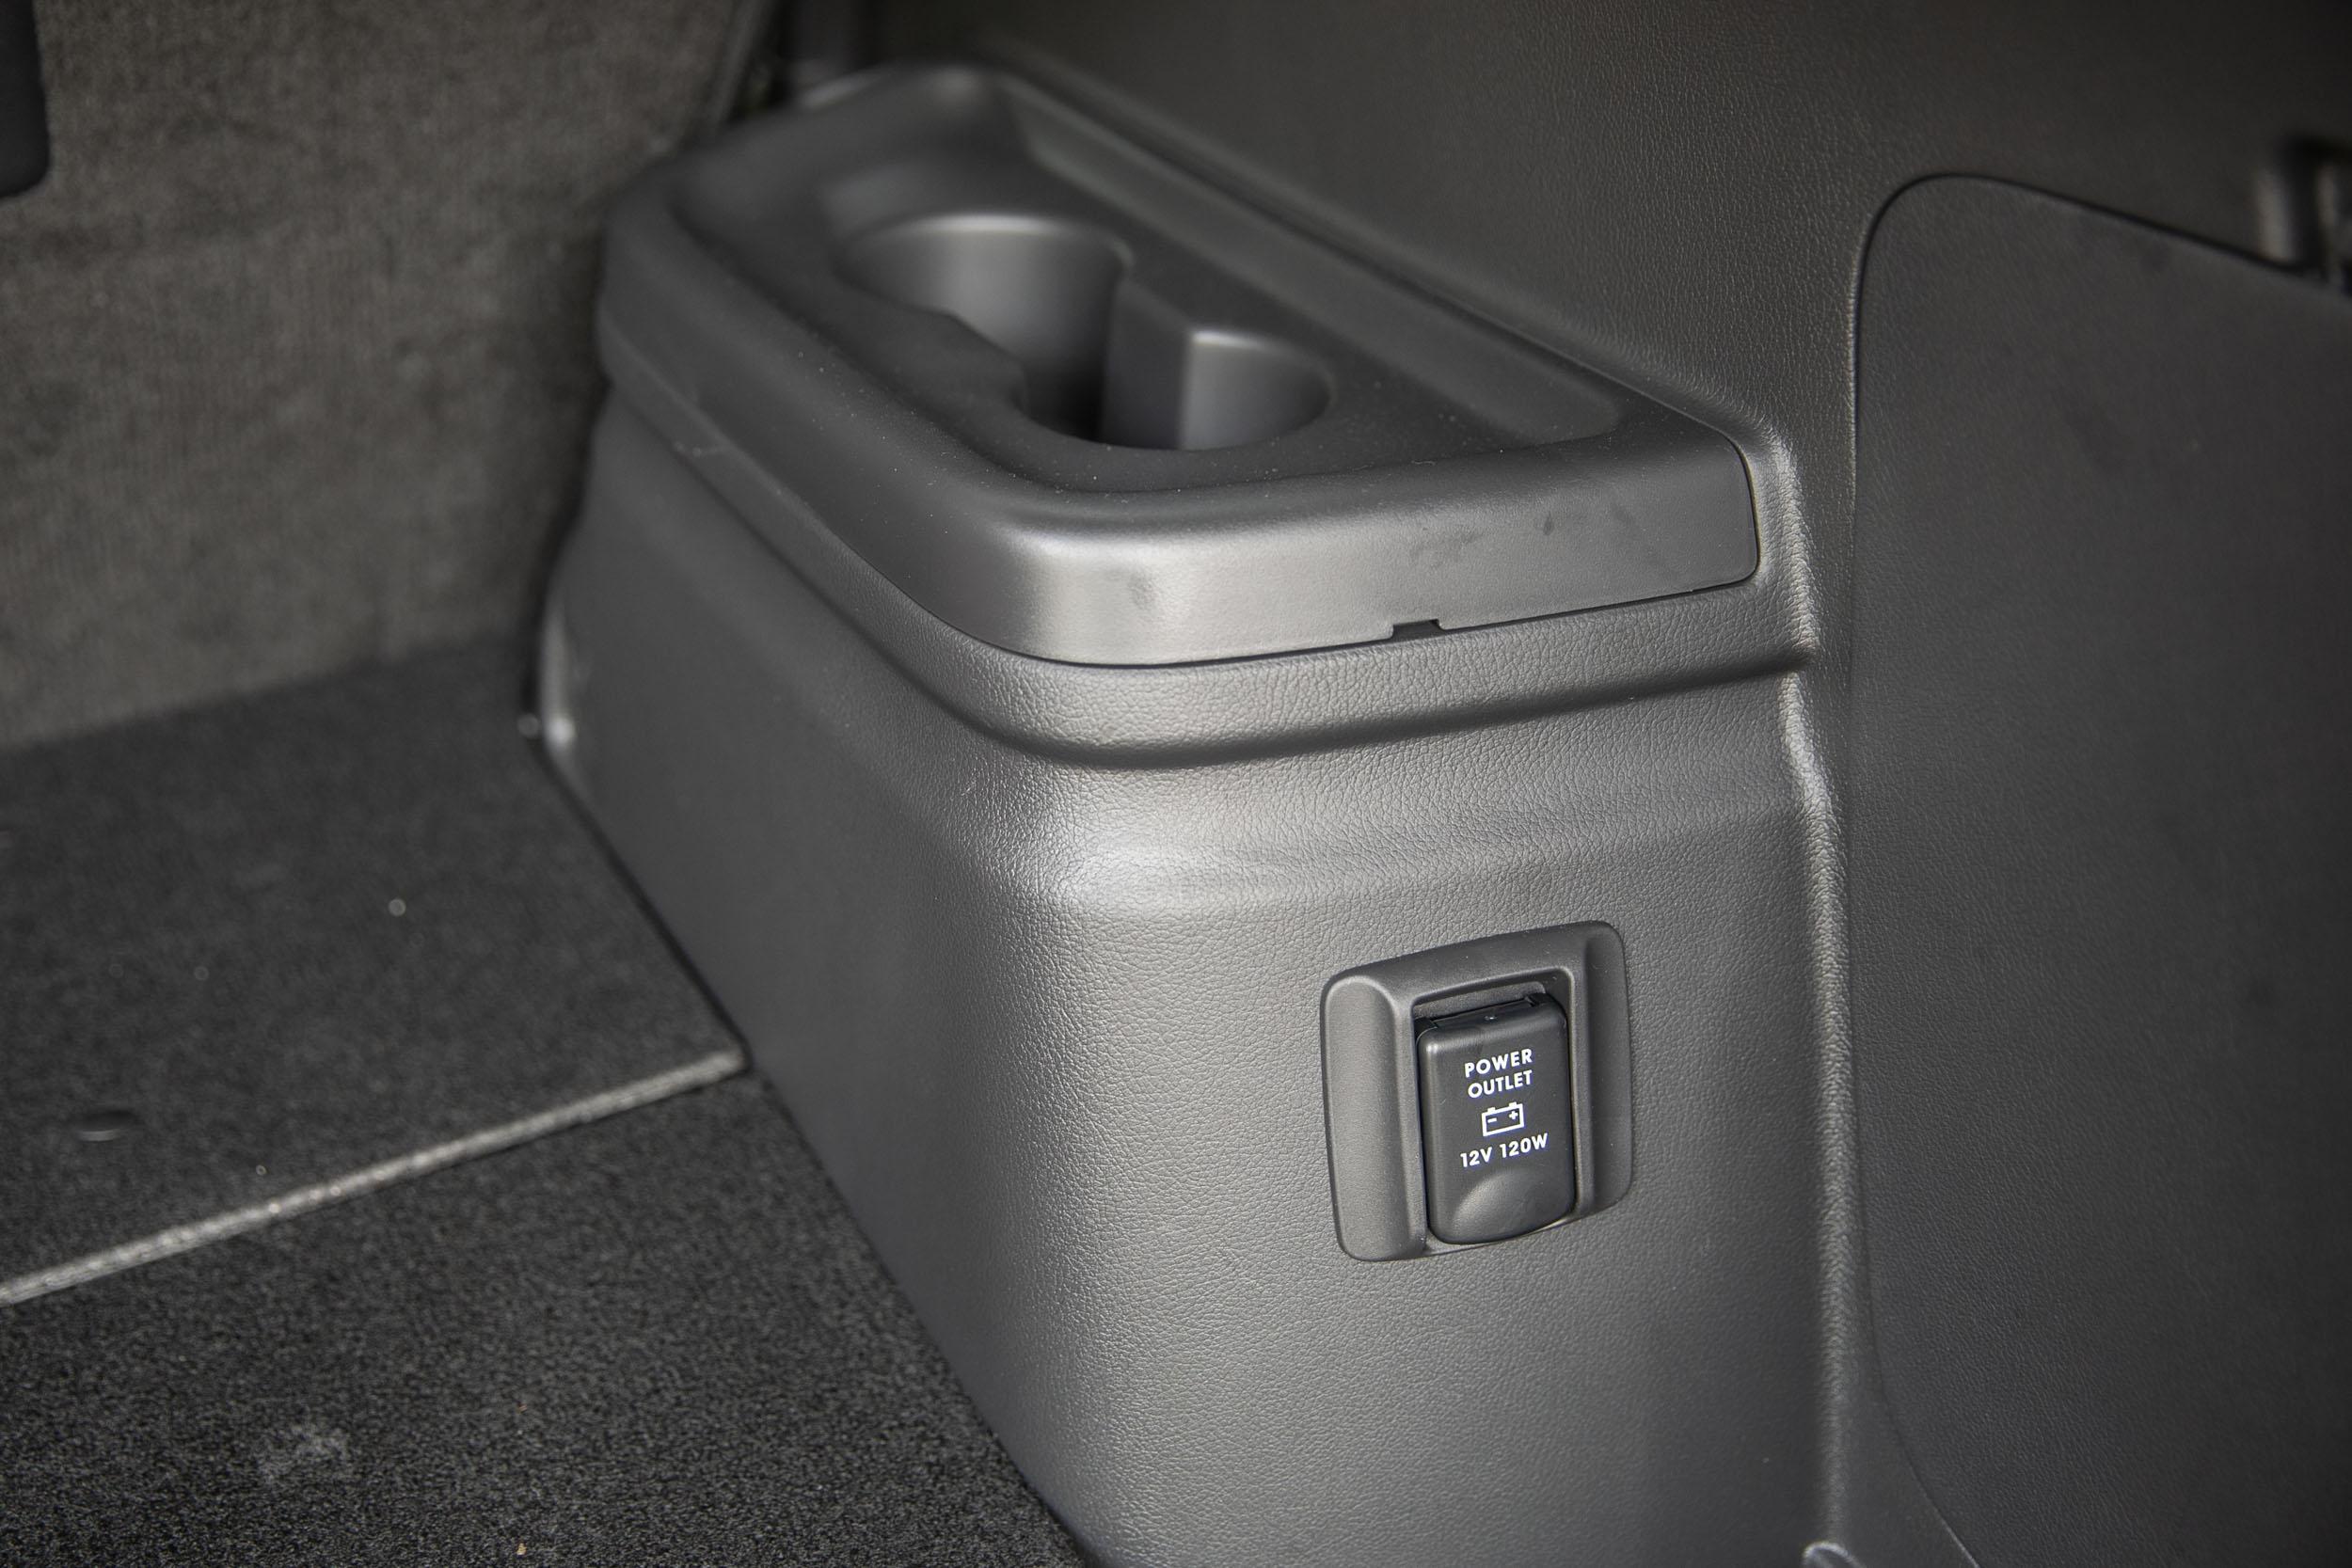 後座配備額外的 12V/120W 電源插座。